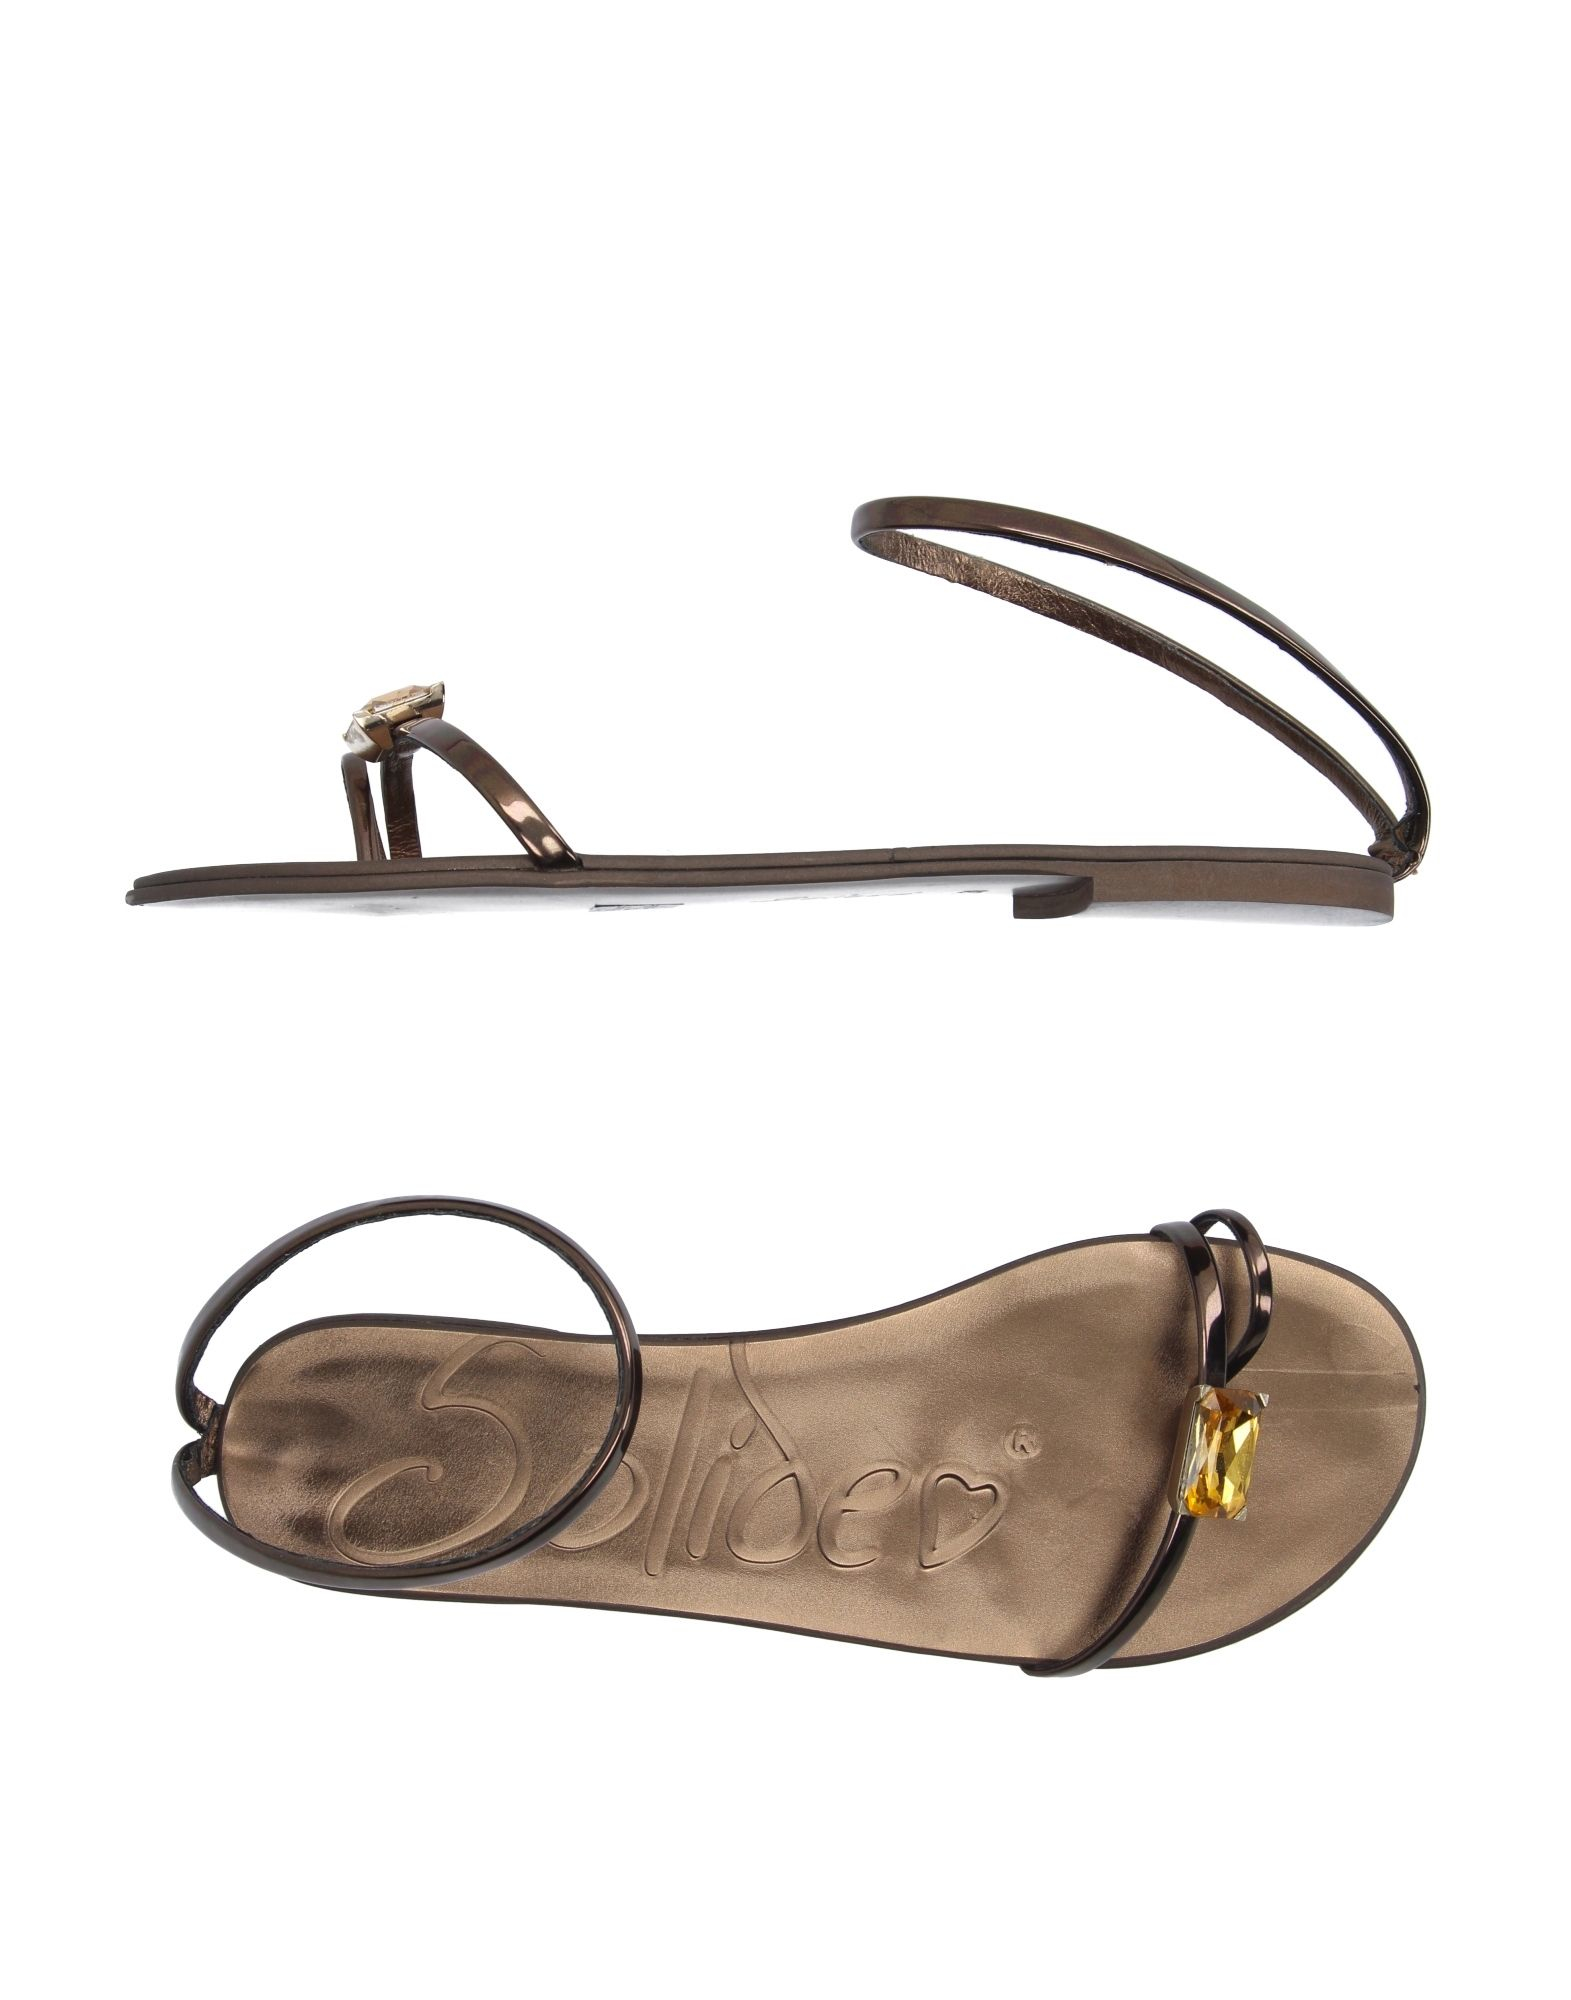 FOOTWEAR - Toe post sandals SOLIDEA kCeaNiL